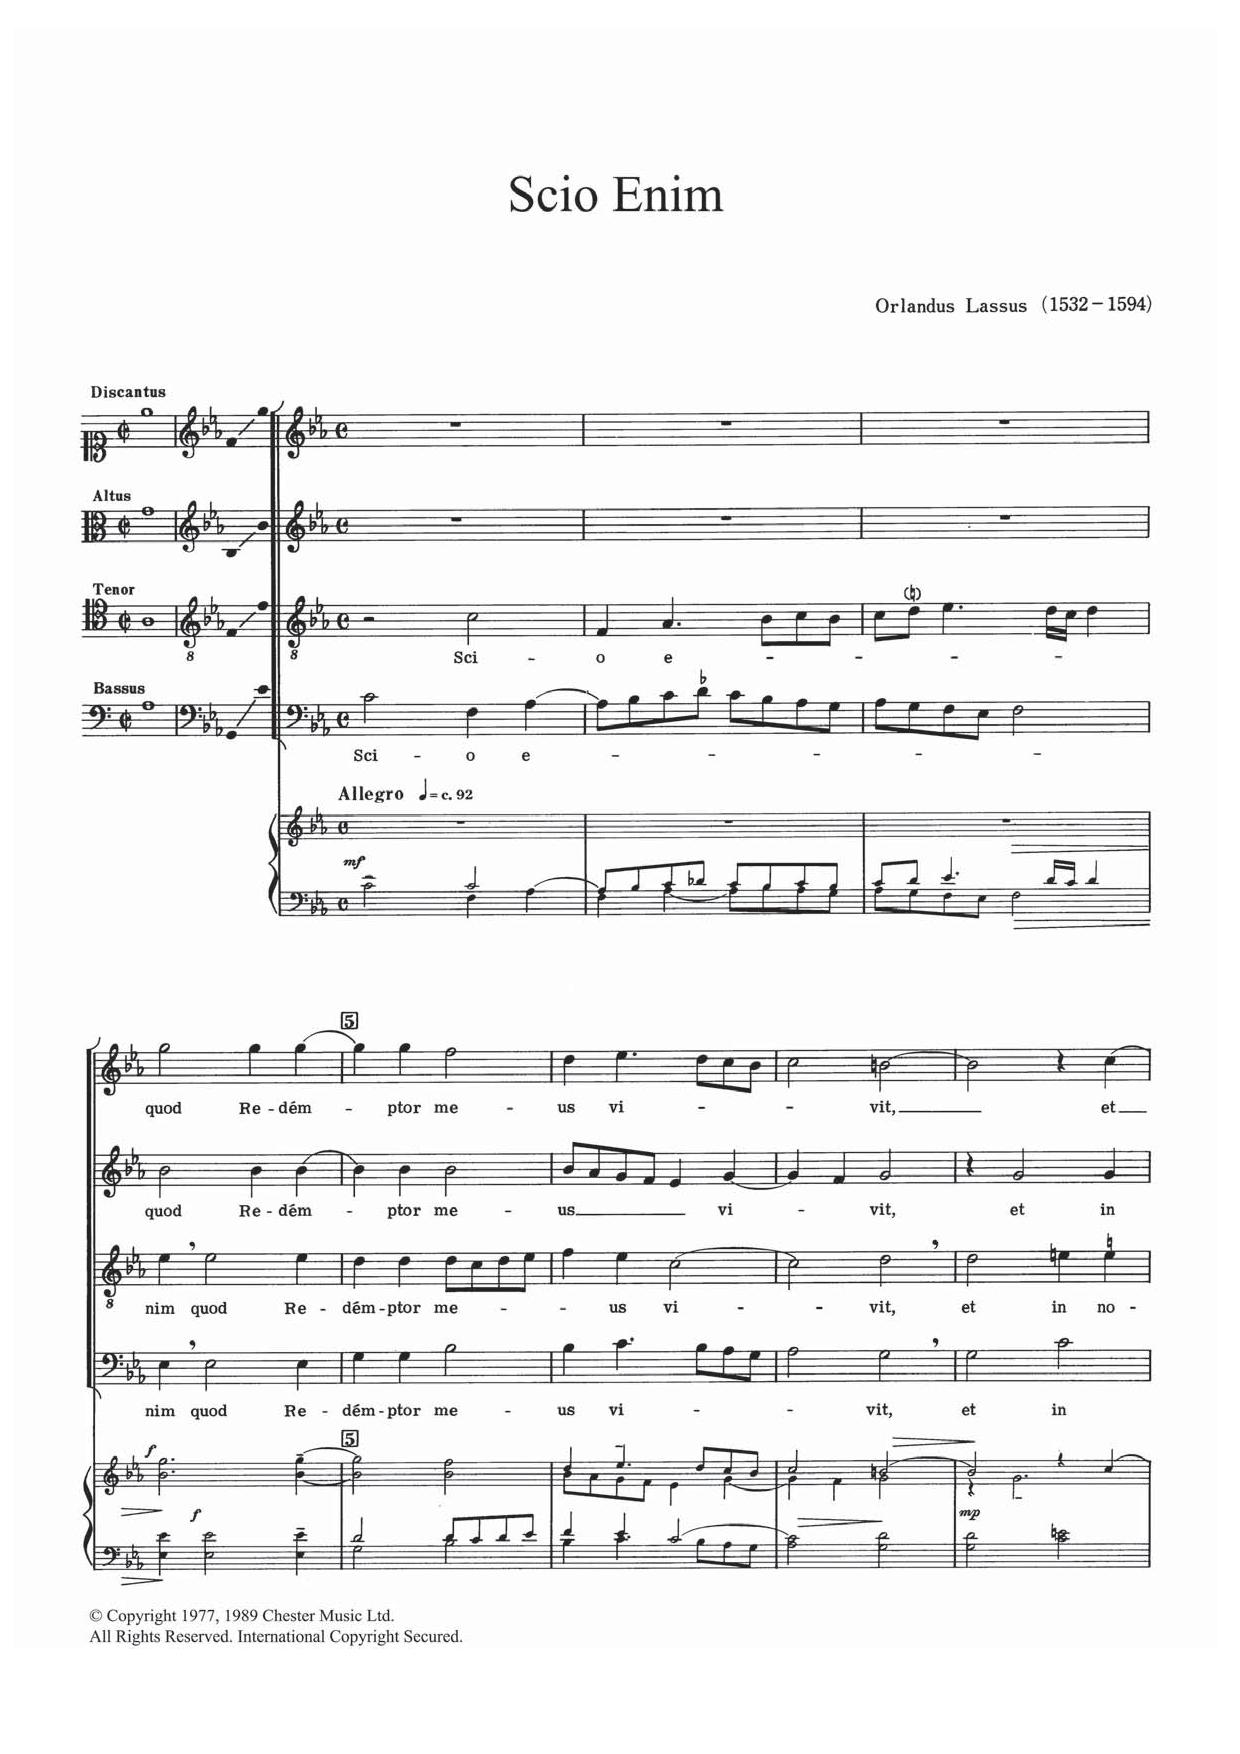 Scio Enim Sheet Music